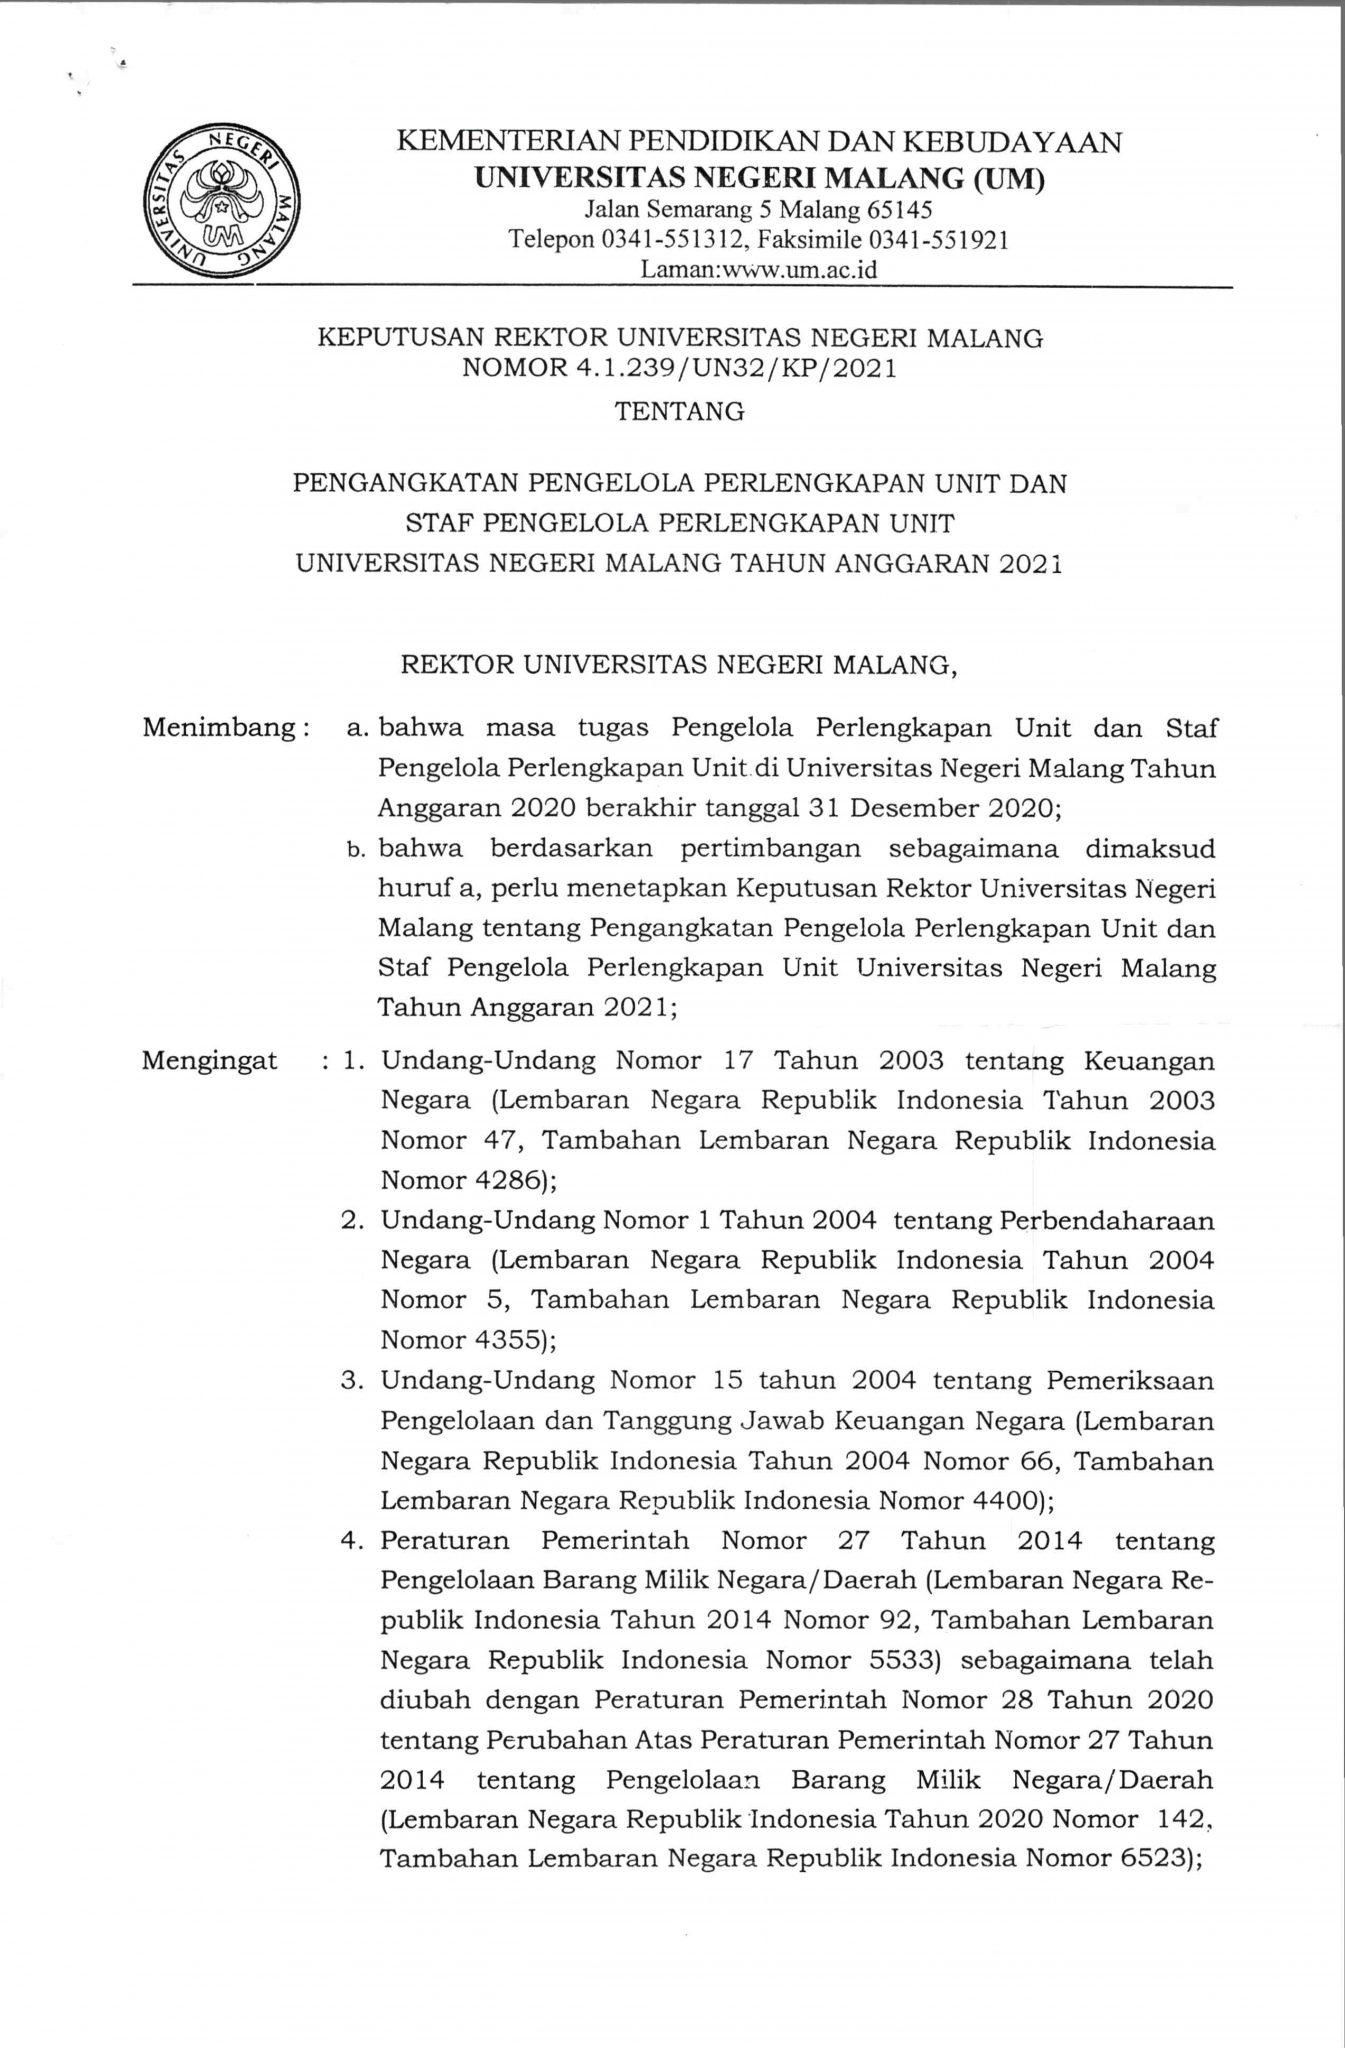 SK-Rektor-Pengangkatan-PPU-2021_001